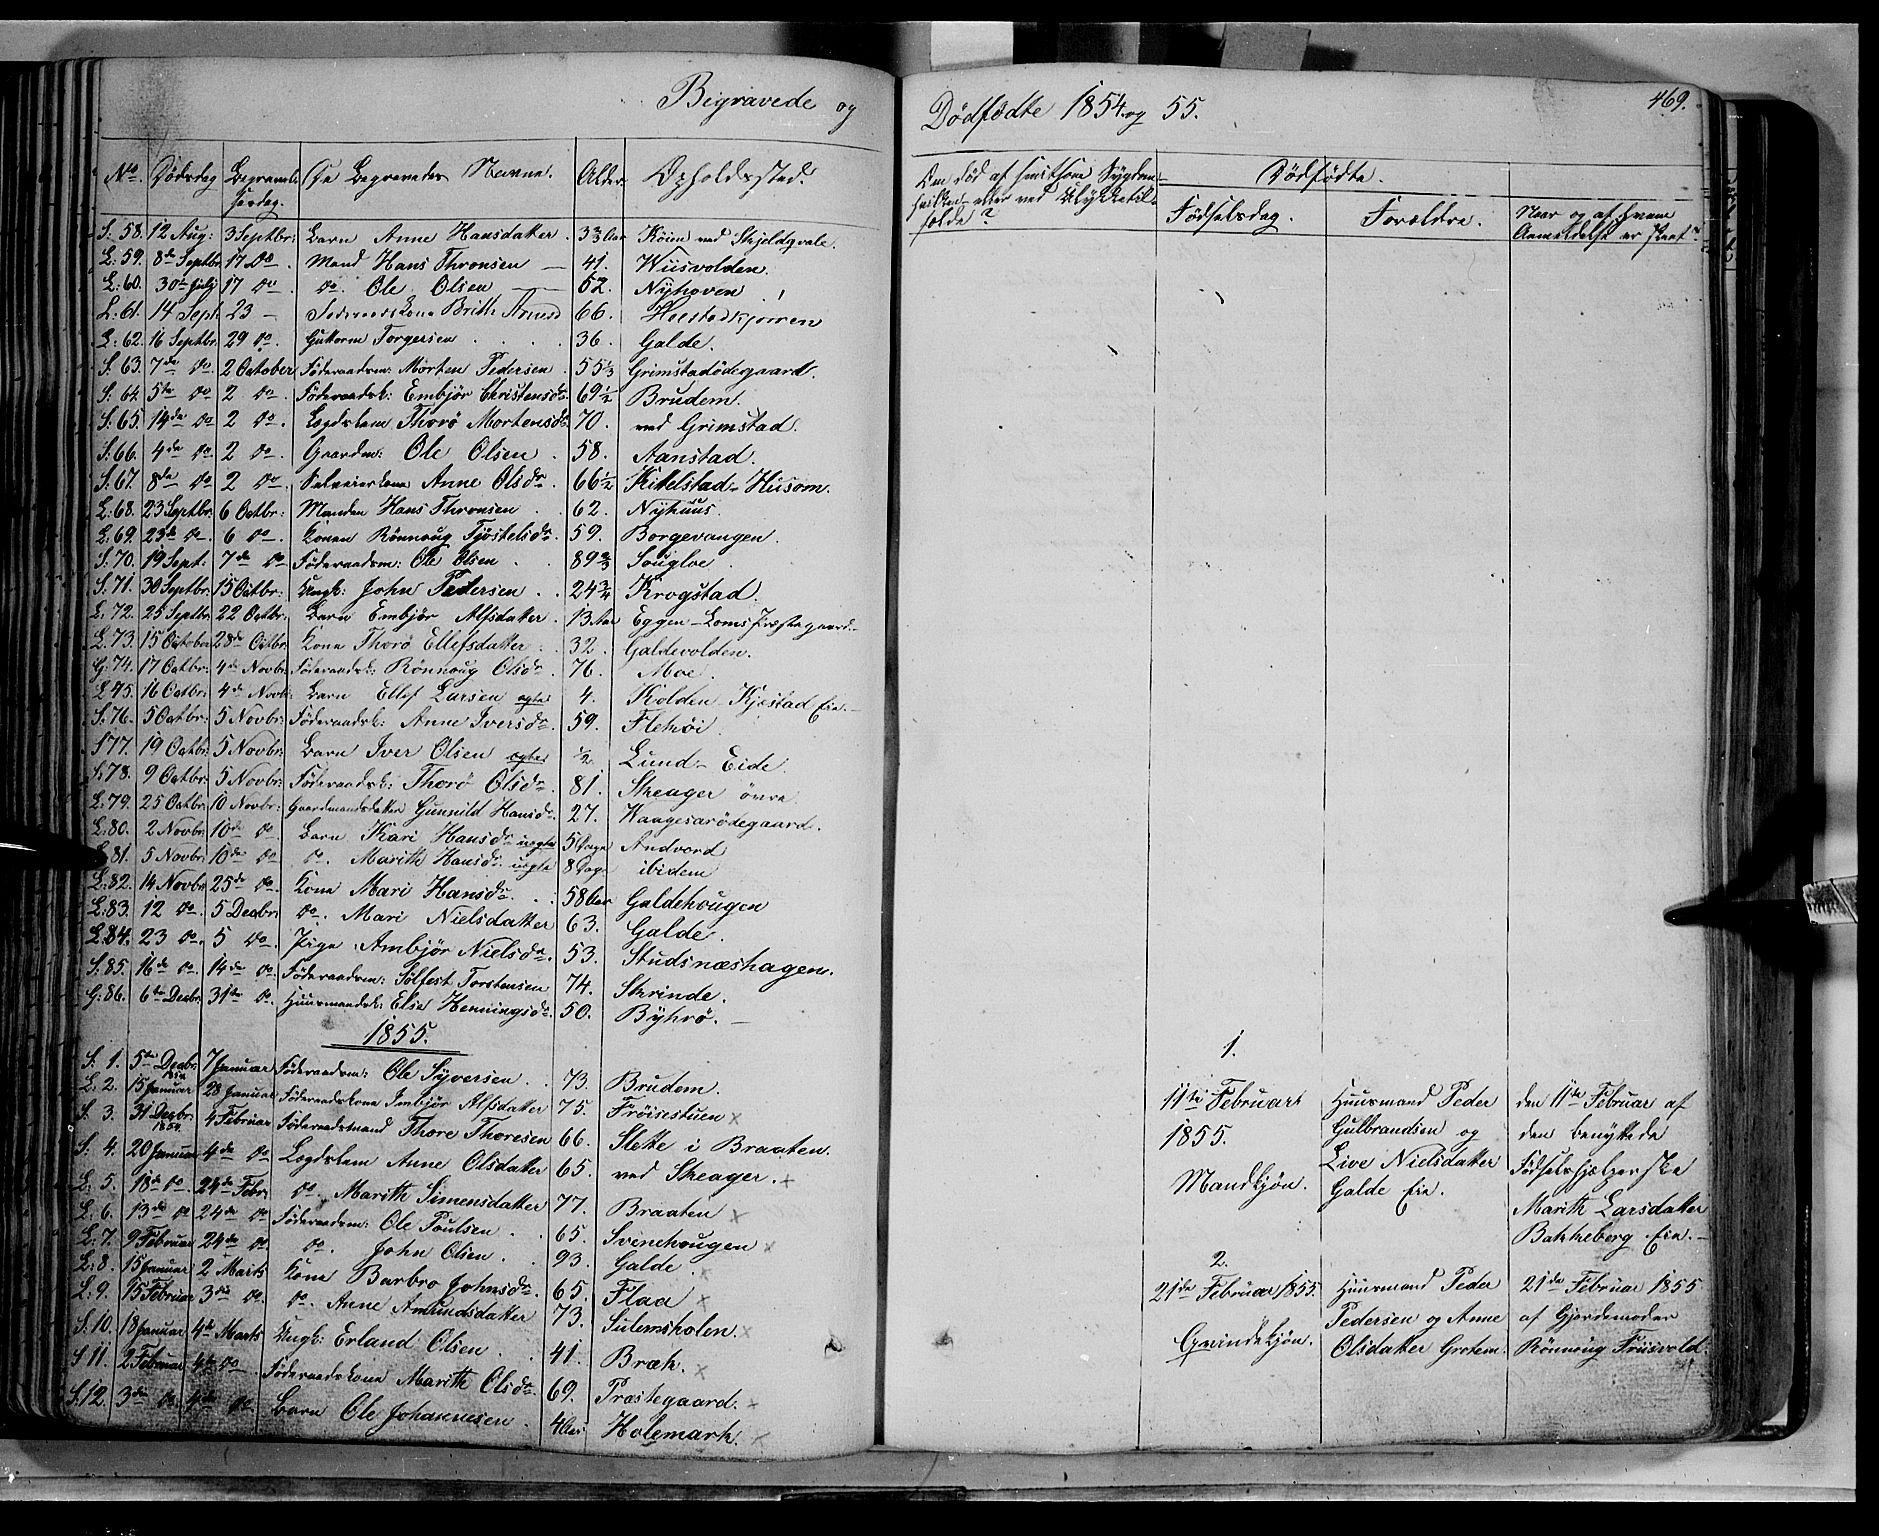 SAH, Lom prestekontor, K/L0006: Ministerialbok nr. 6B, 1837-1863, s. 469